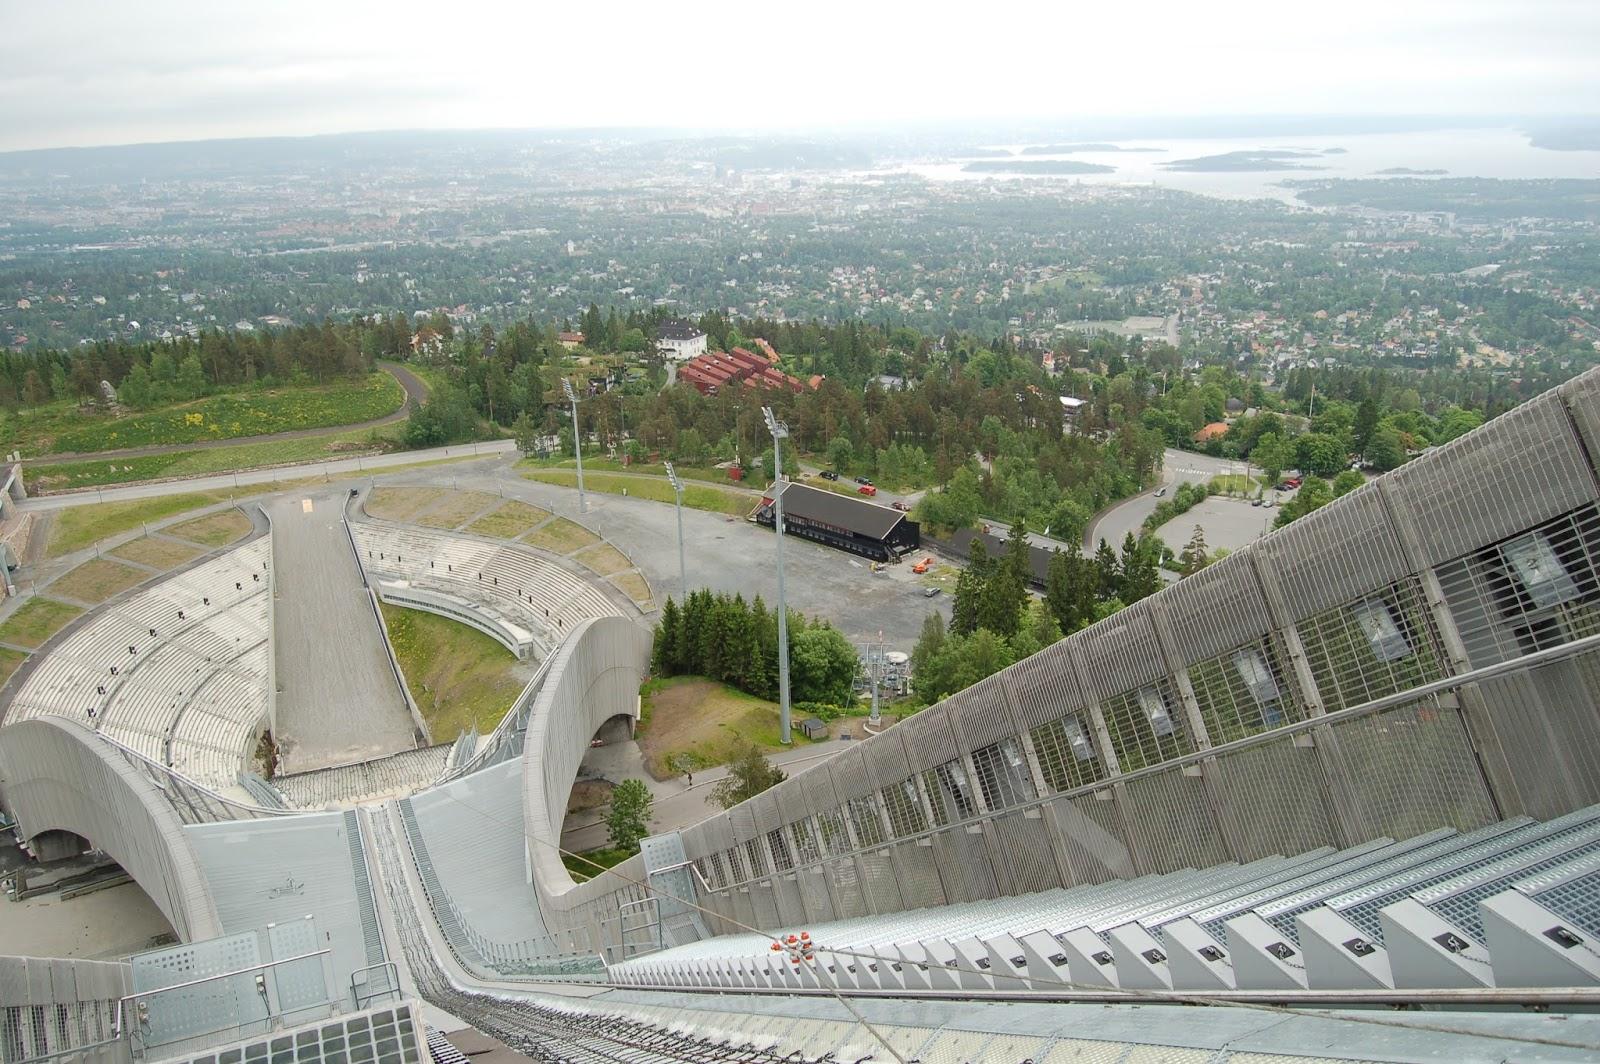 na belce skoczni Holmenkollen Oslo Norwegia